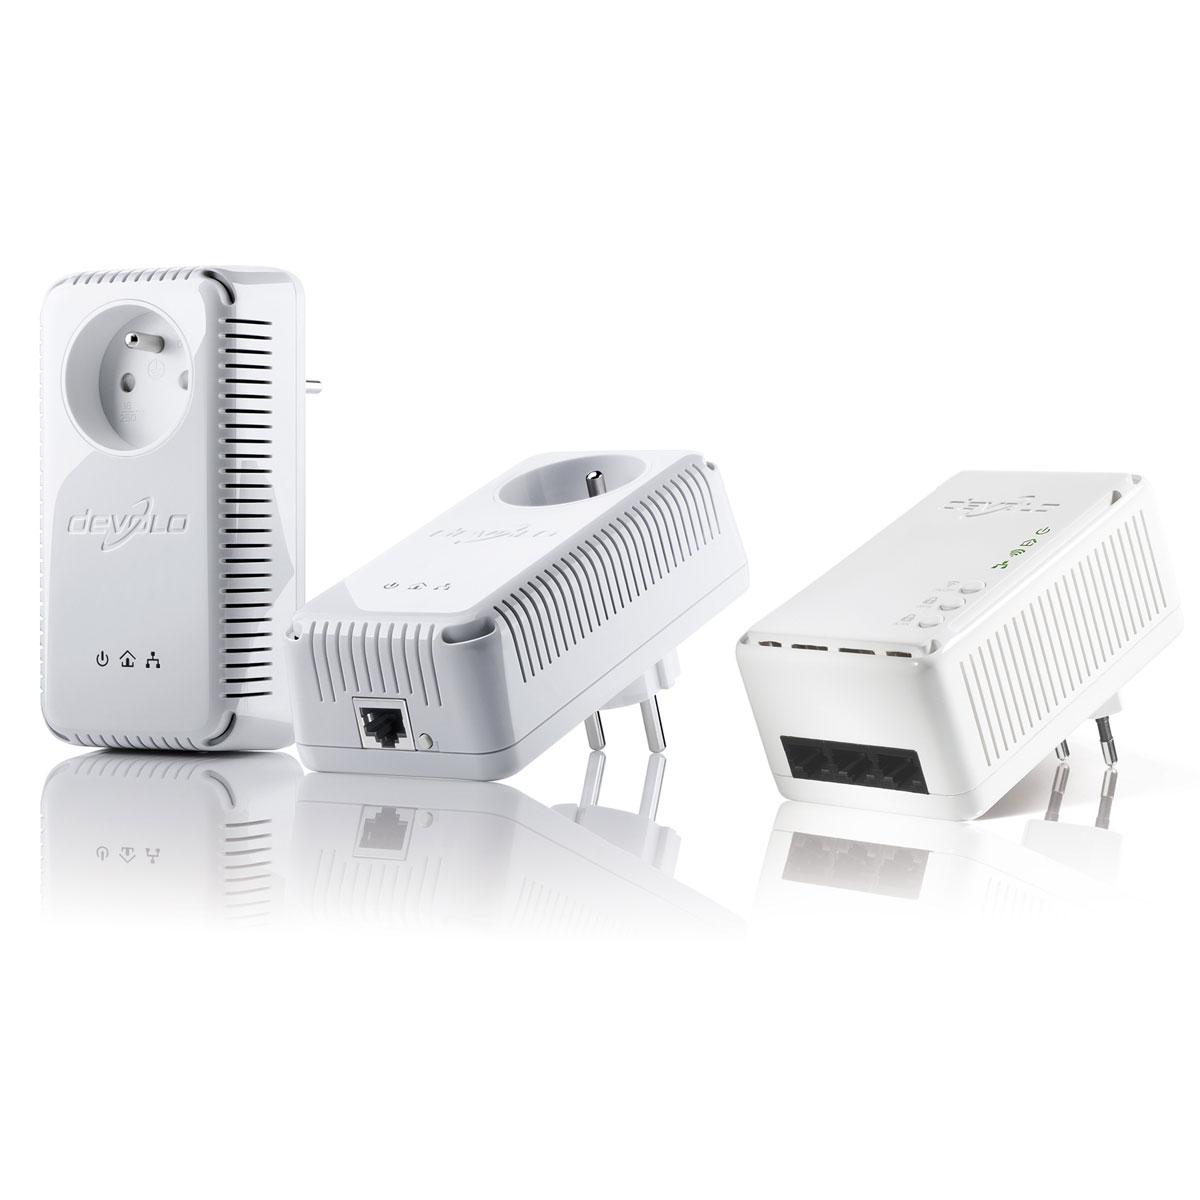 devolo 200avplus starter kit cpl 200av wifi n cpl devolo ag sur. Black Bedroom Furniture Sets. Home Design Ideas